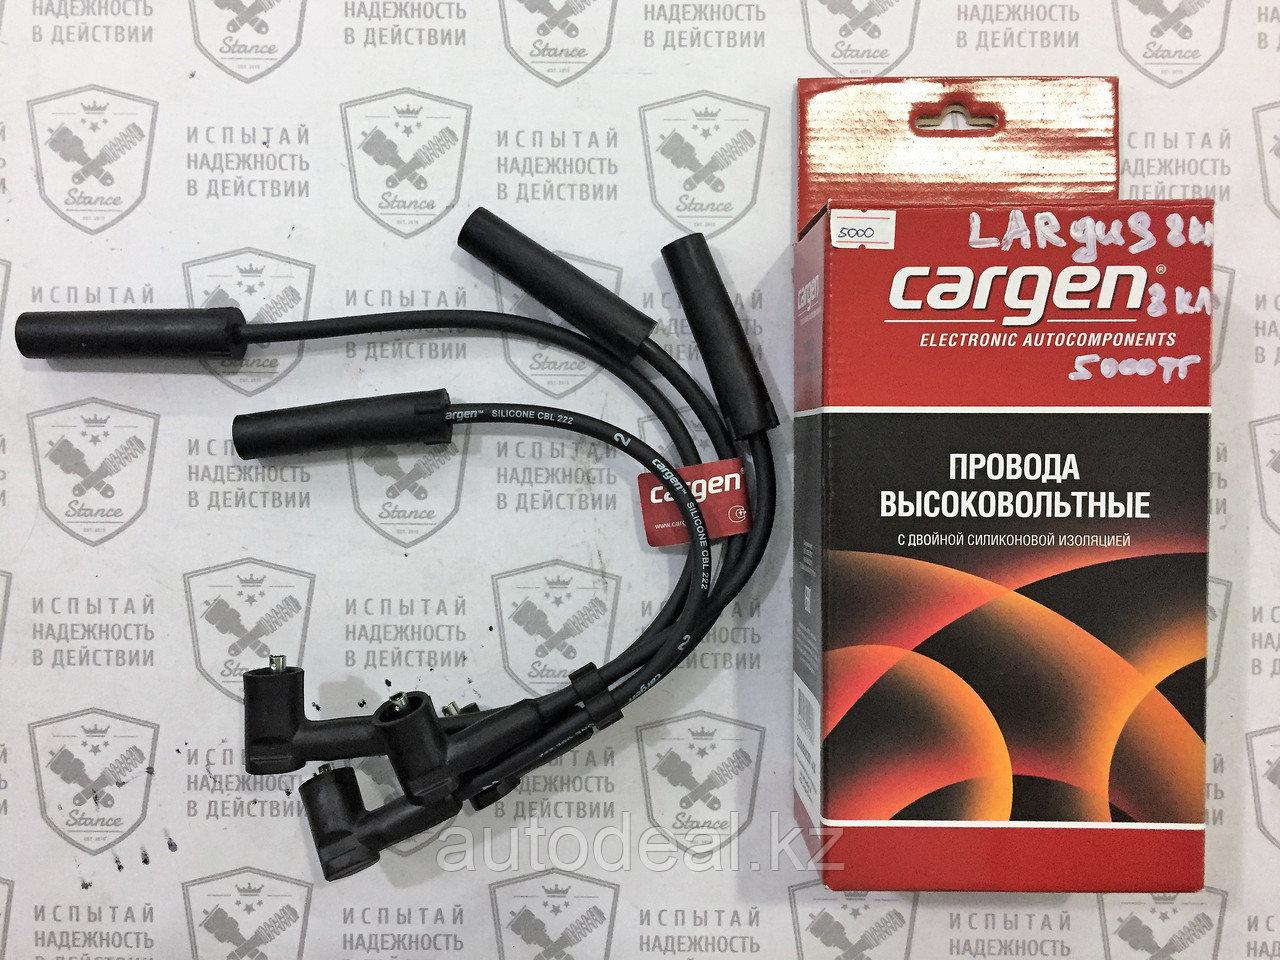 Провод в/в Ларгус 8V Cargen